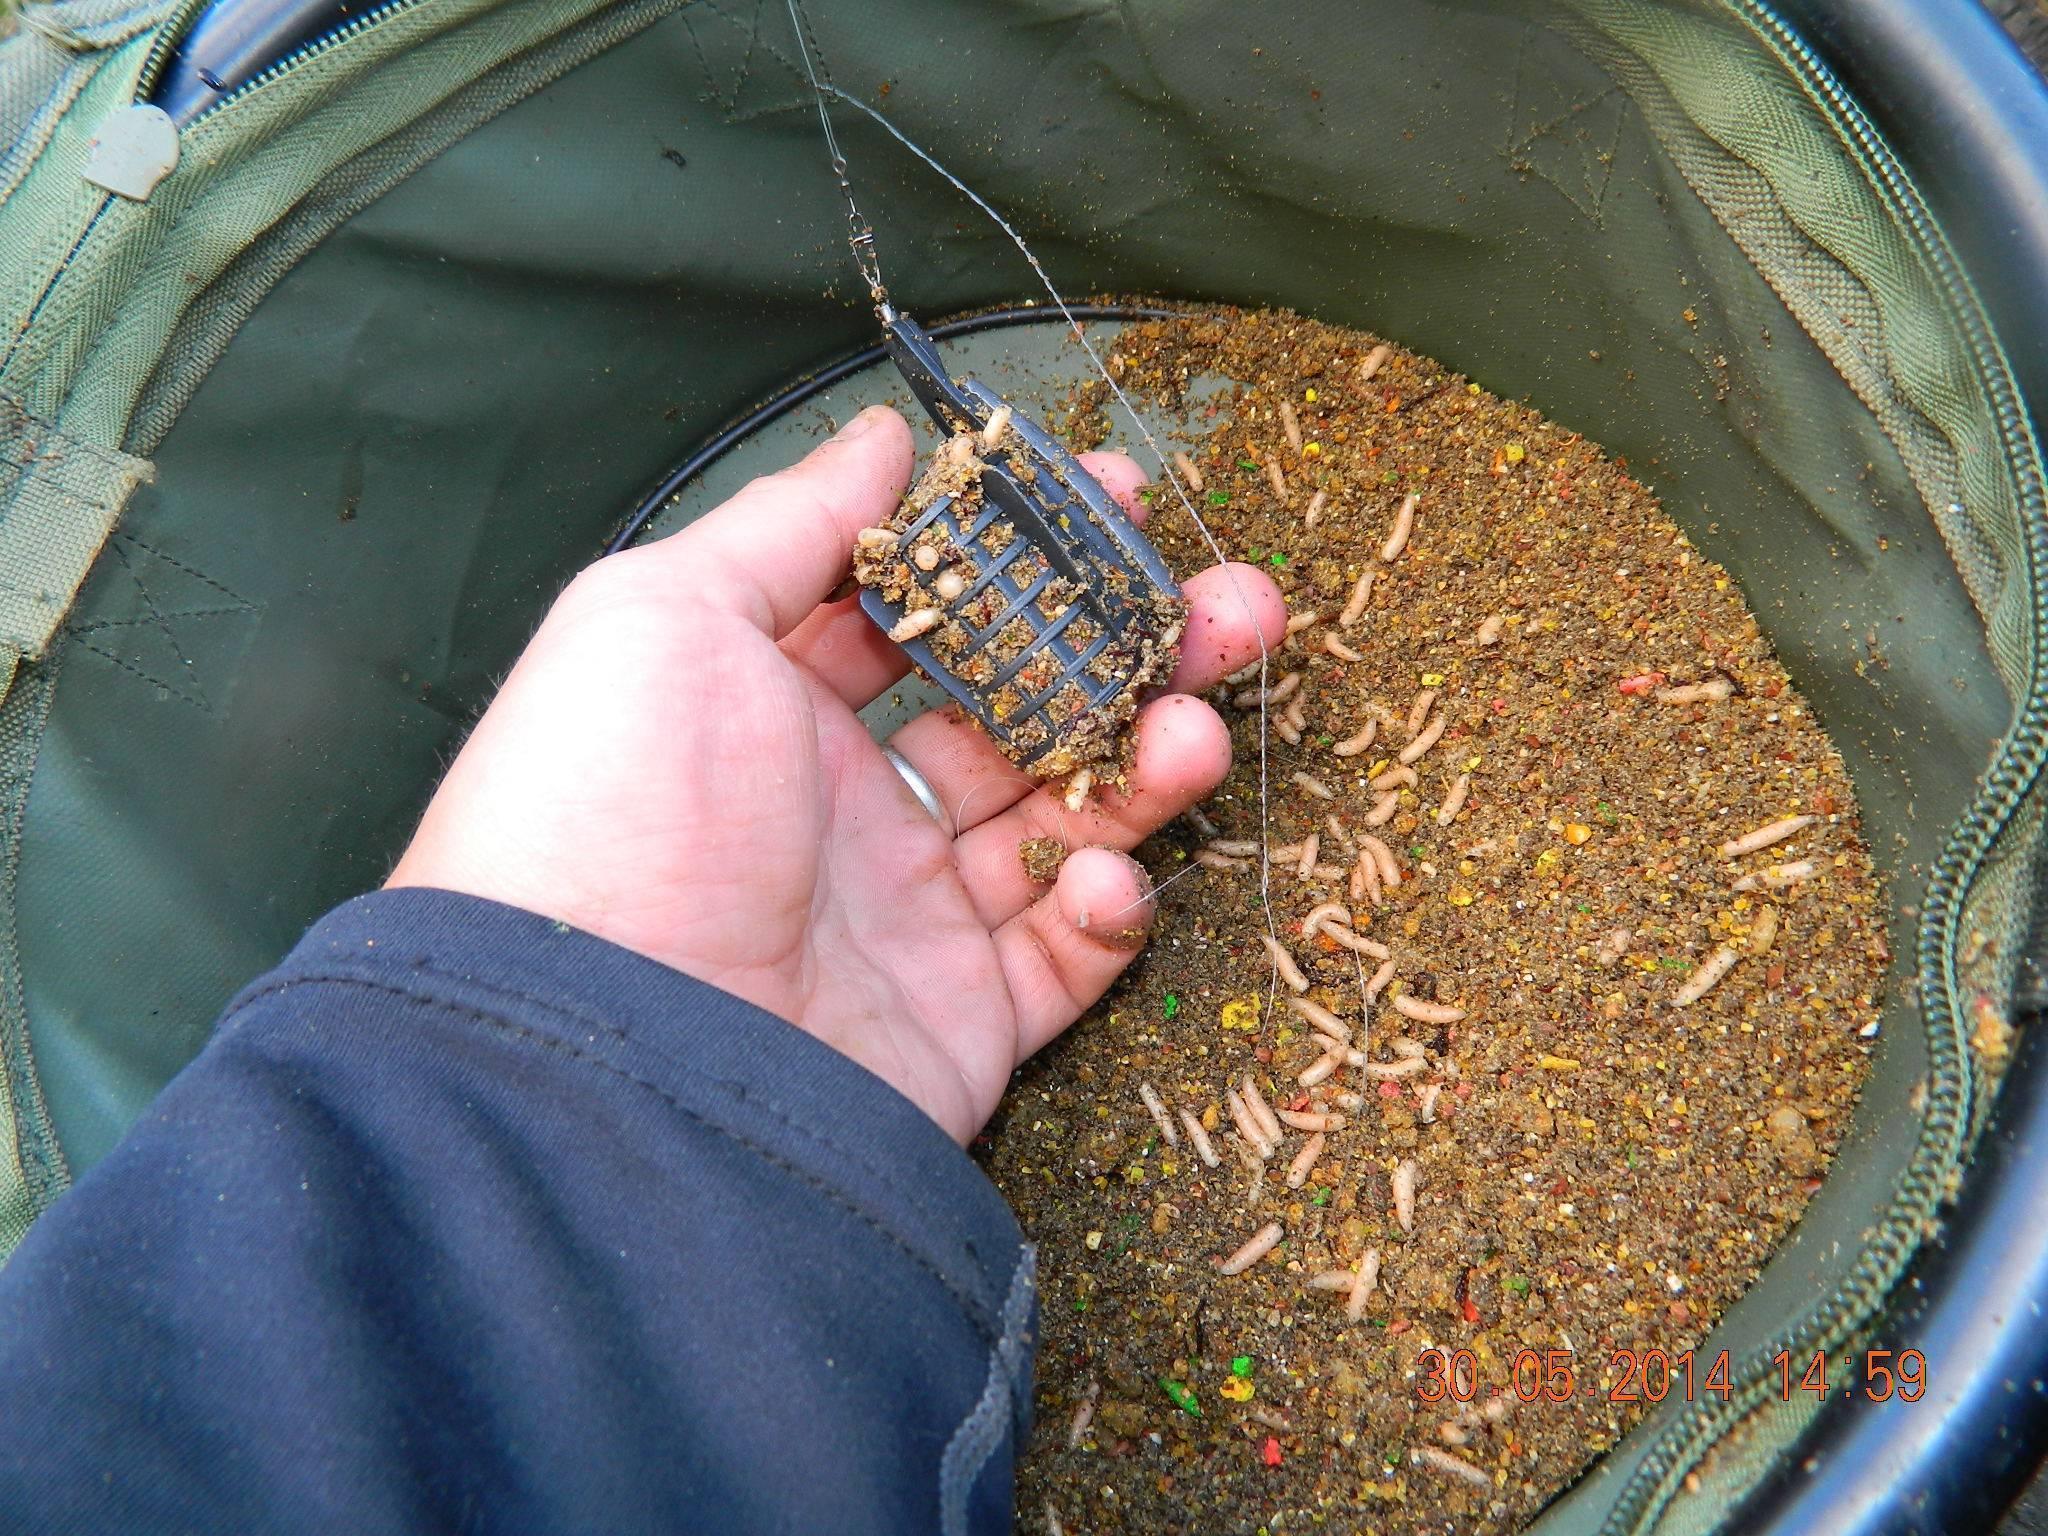 отзывы об электронных приманках для рыбы фишмагнит-2 и супер клев